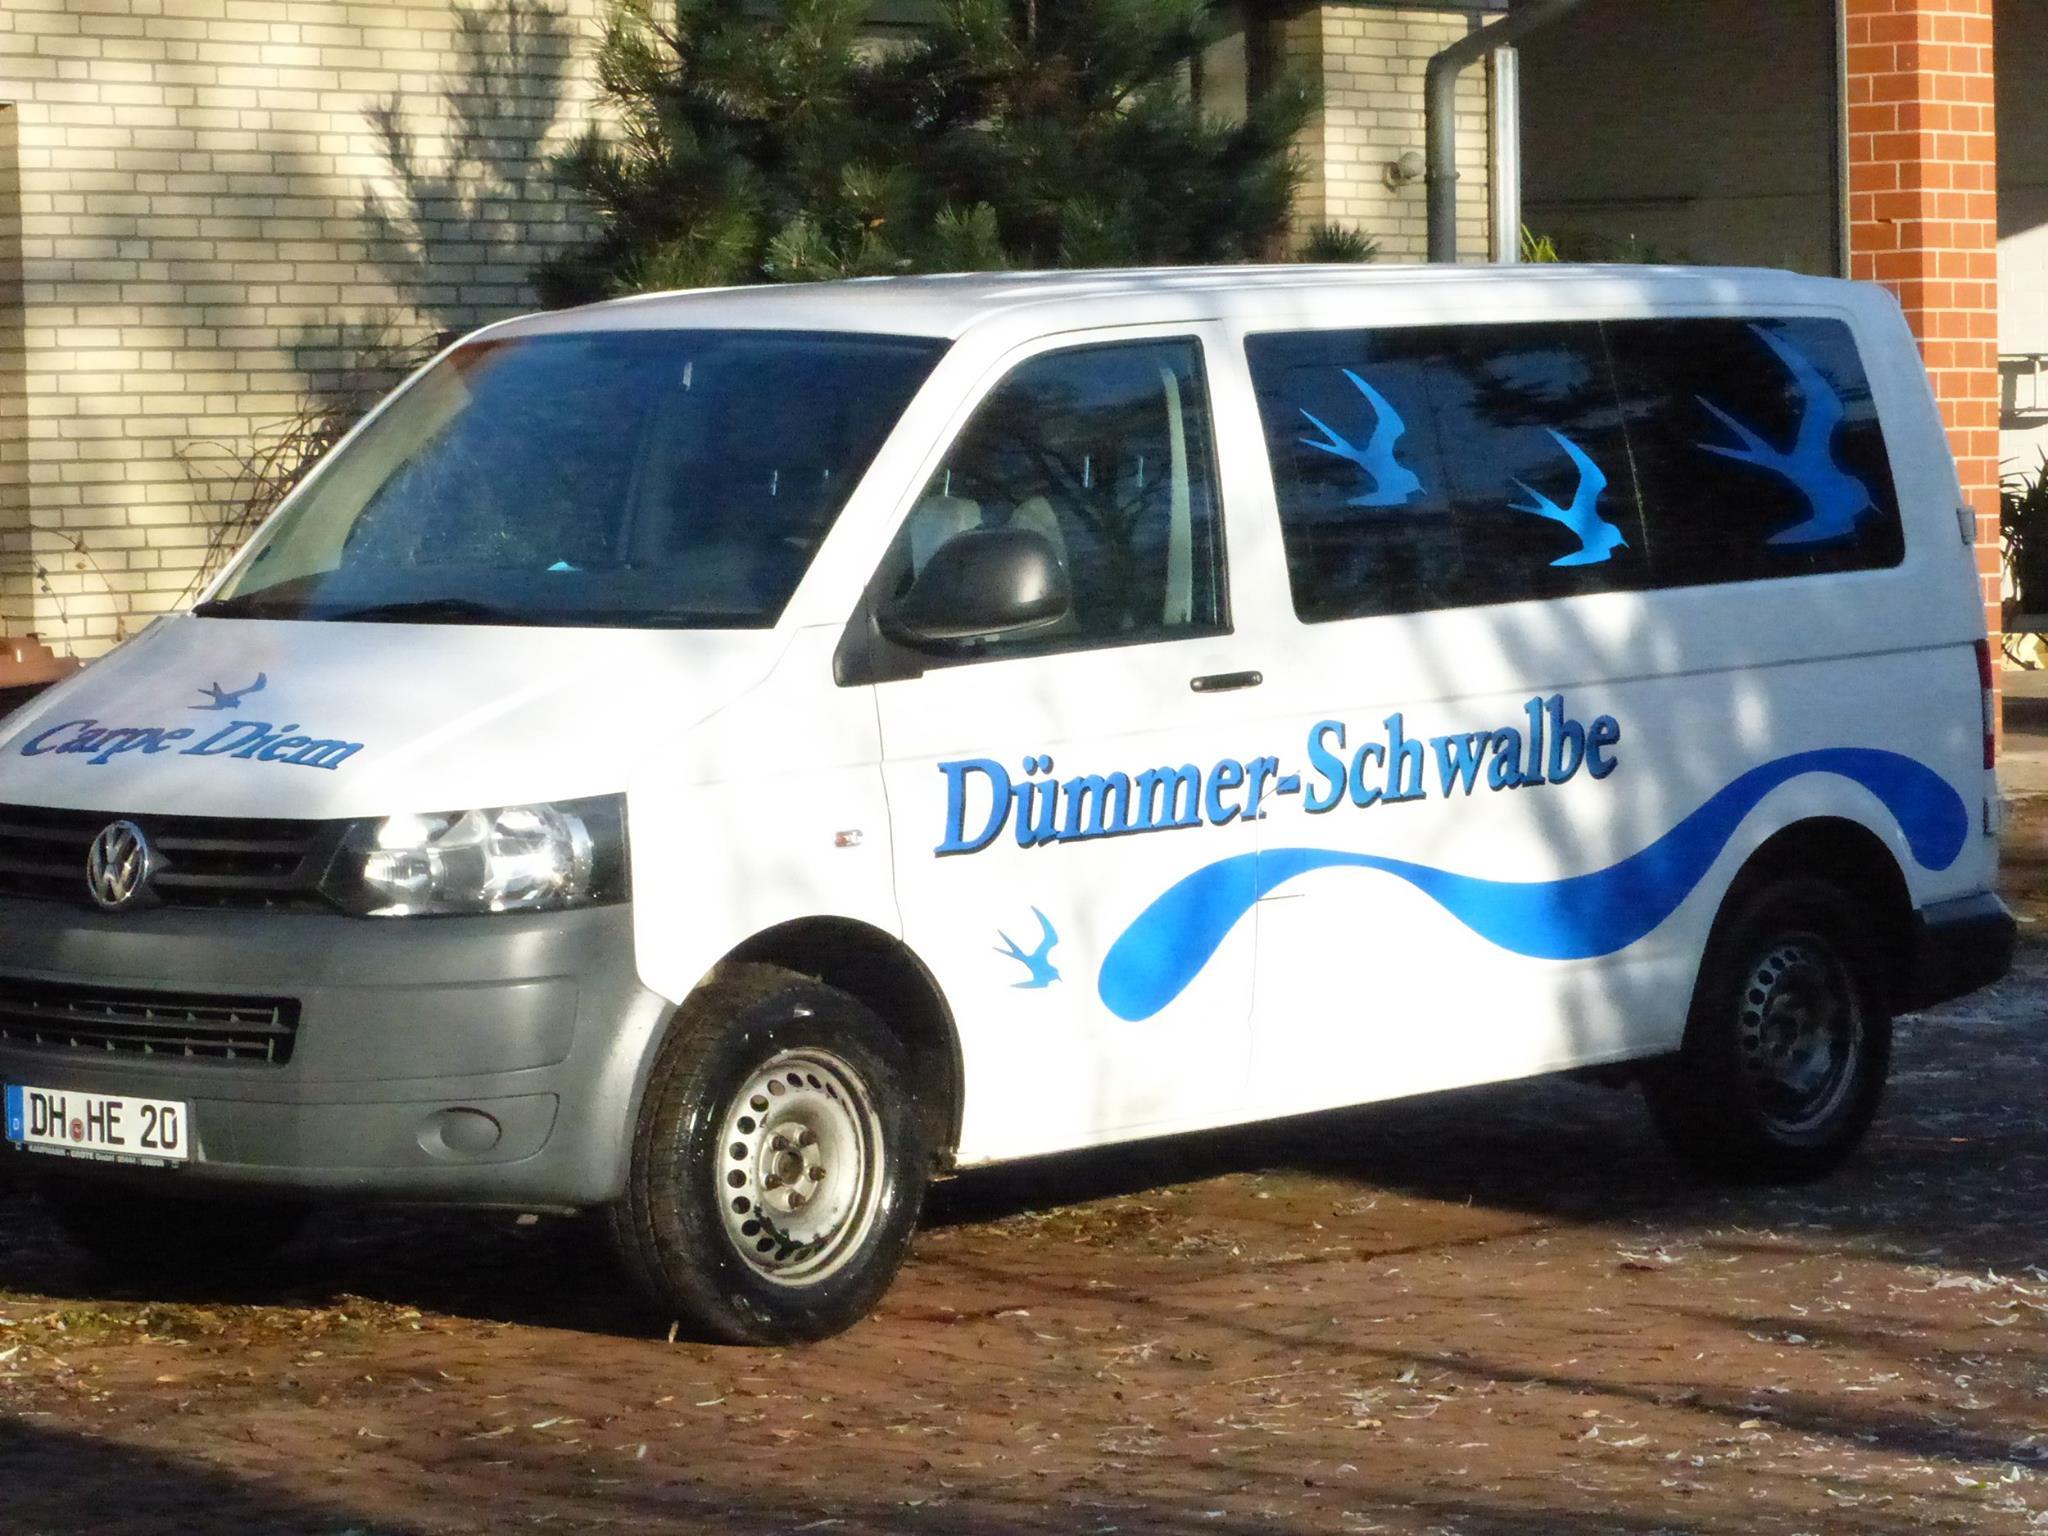 Dümmer-Schwalbe Sprinter